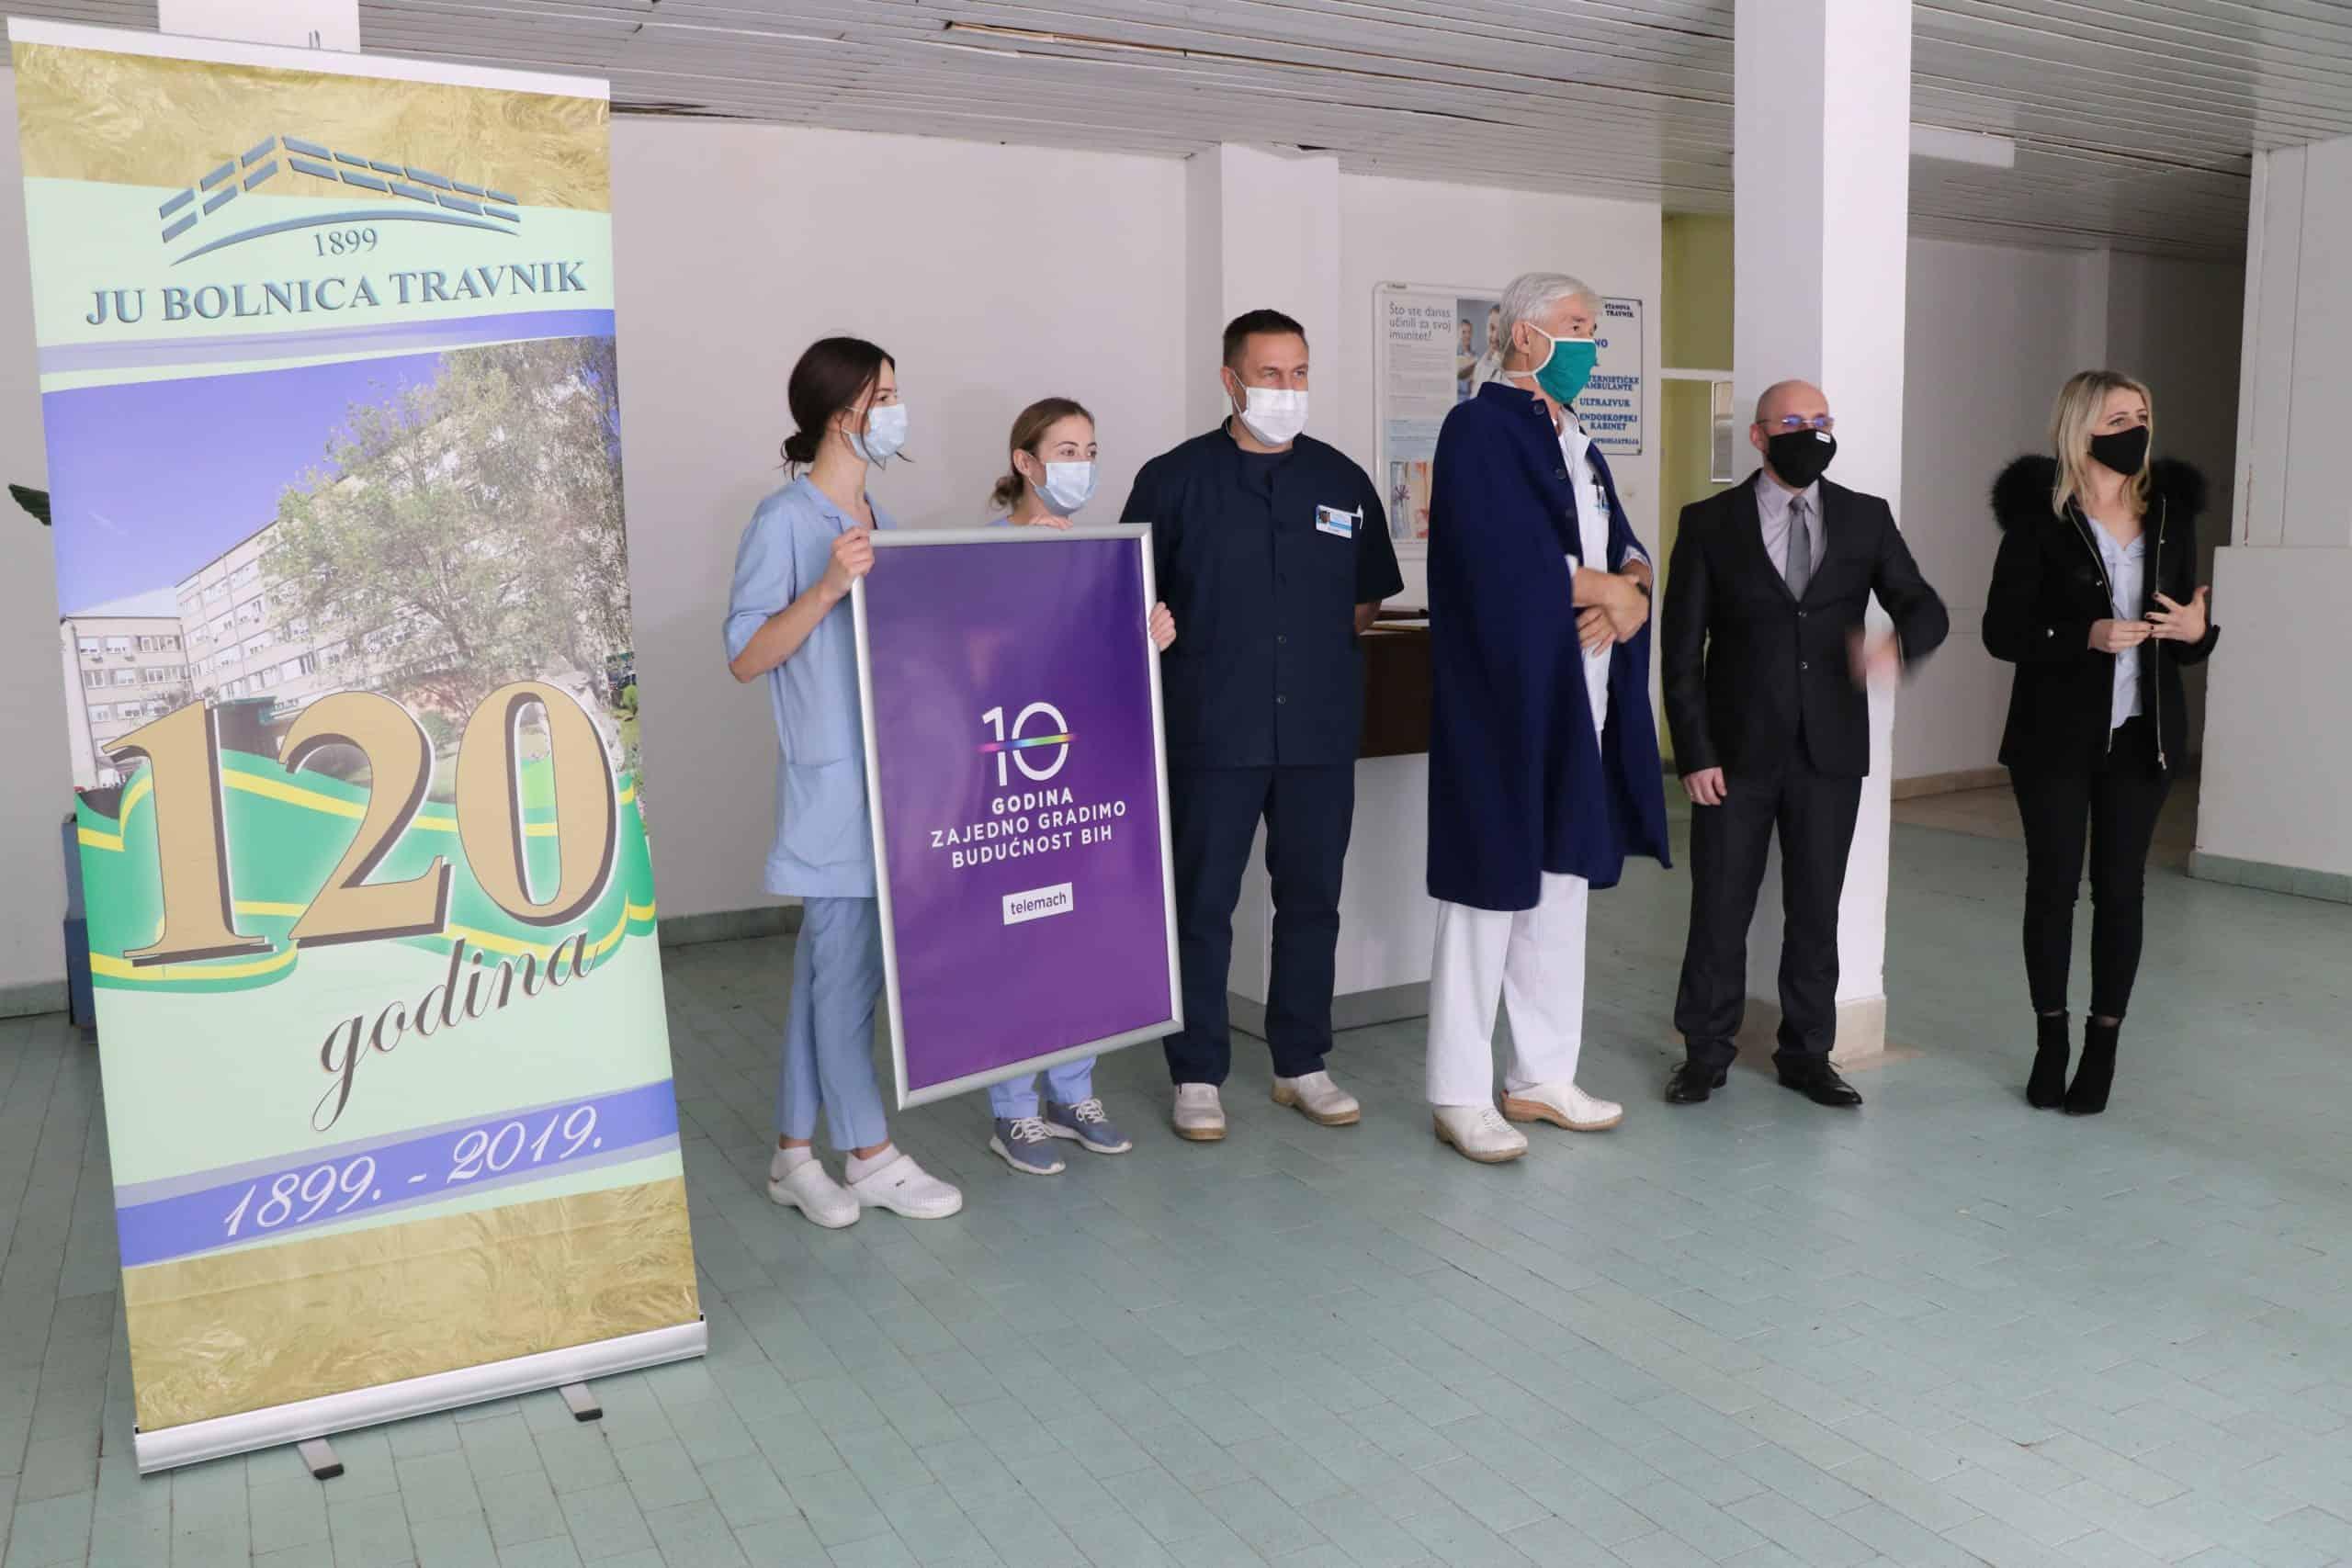 Kompanija Telemach donirala JU Bolnica Travnik opremu vrijednu 30.000 KM